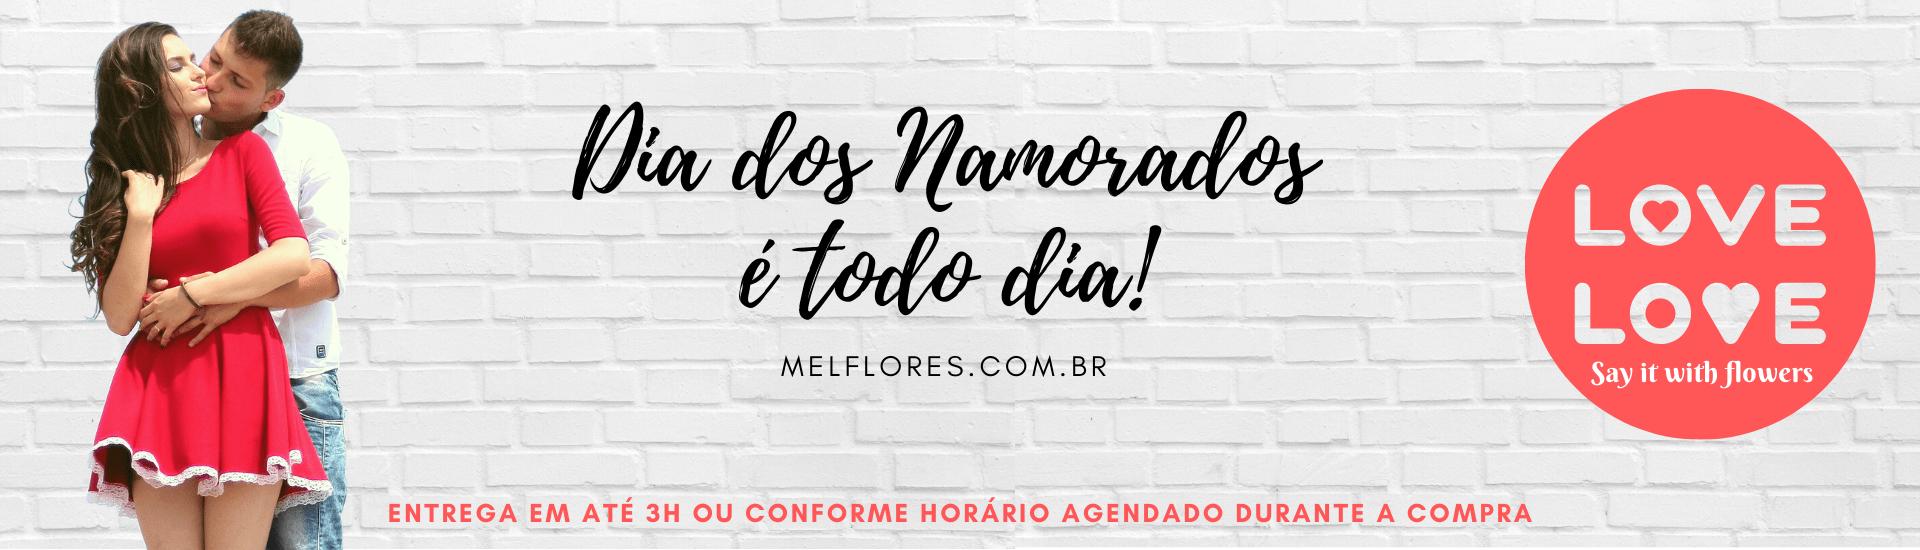 Floricultura em Vitória - Mel Flores - Floricultura online